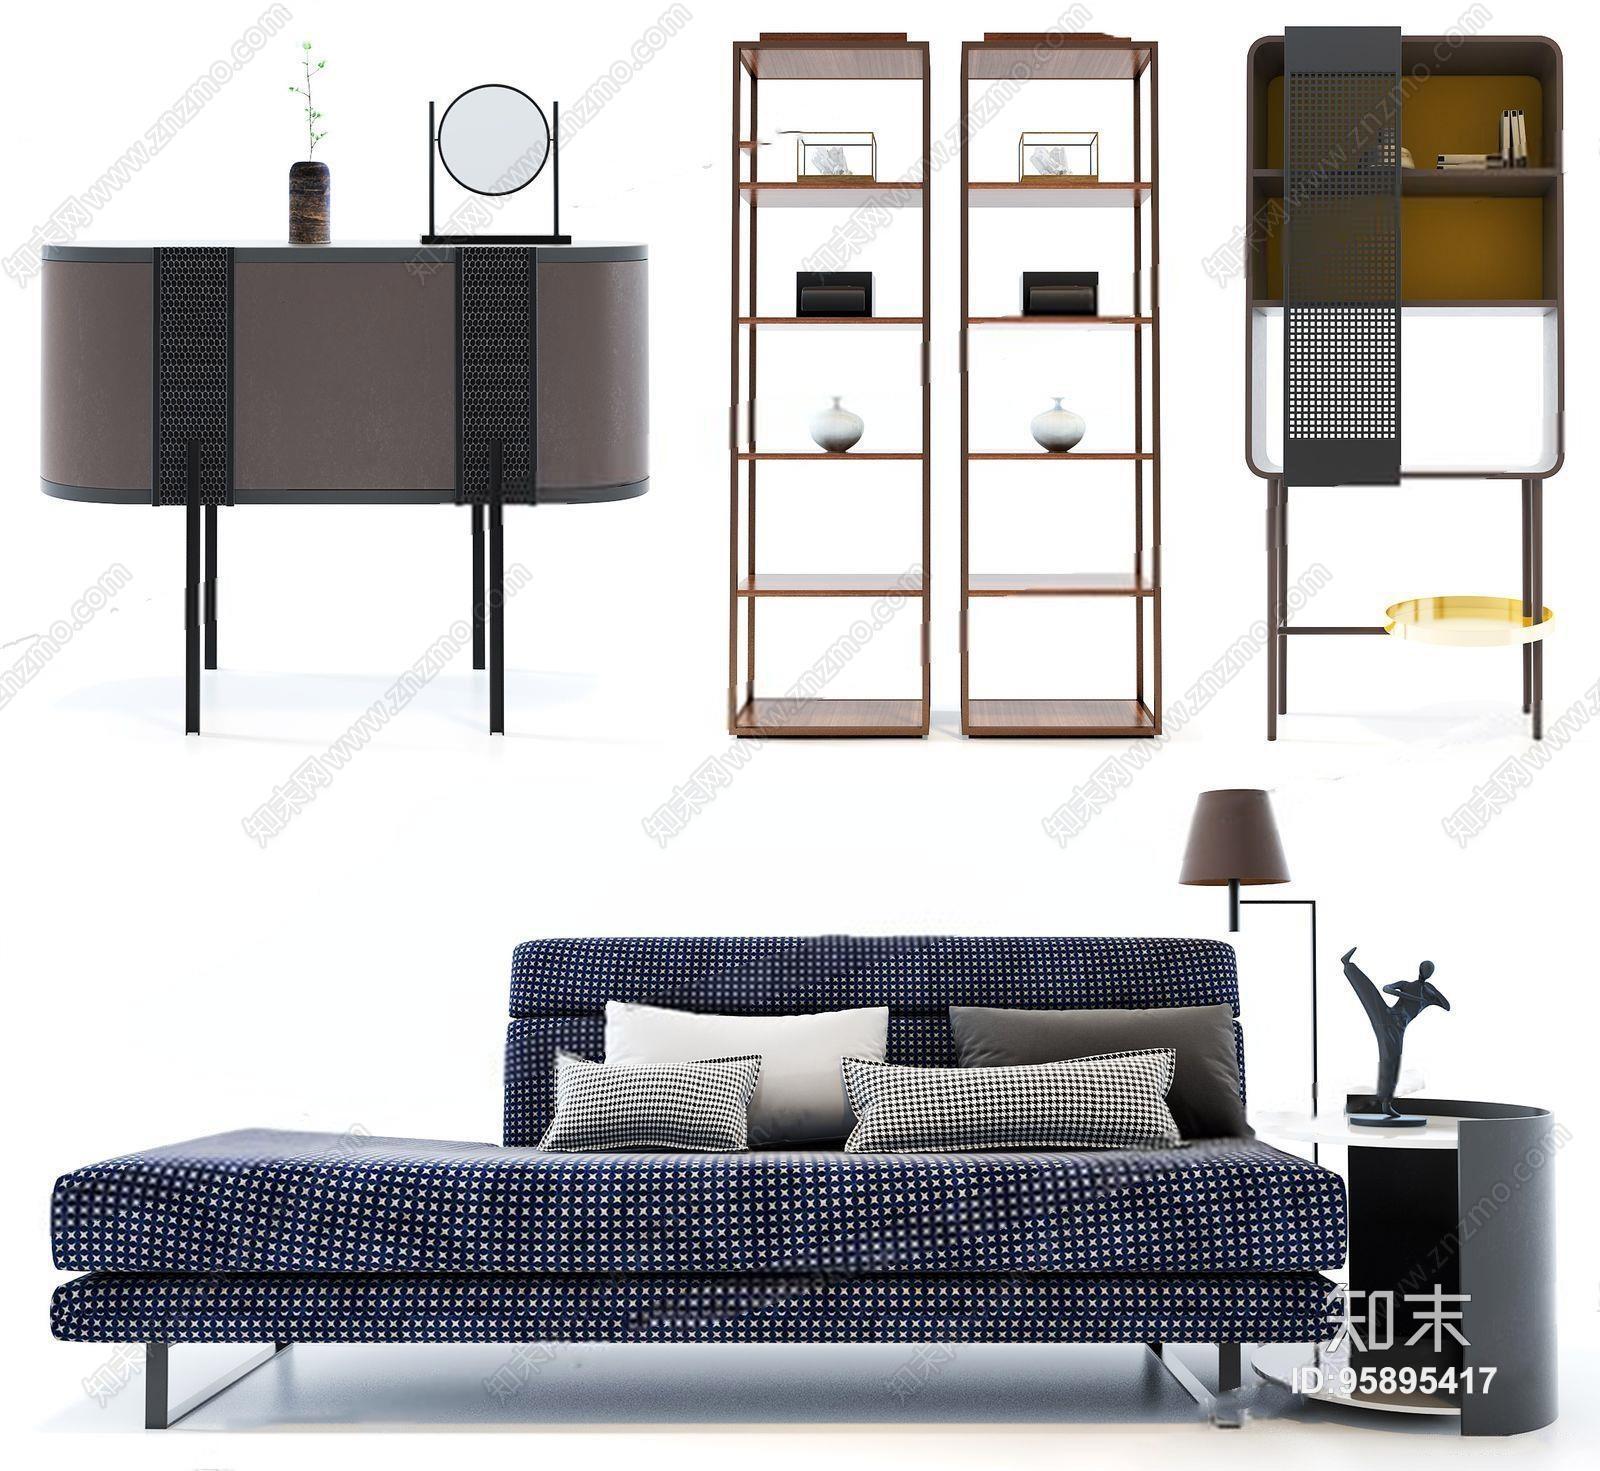 北欧休闲沙发装饰柜组合 北欧休闲沙发 装饰柜 边柜 玄关柜 装饰架 落地灯 边几 摆件